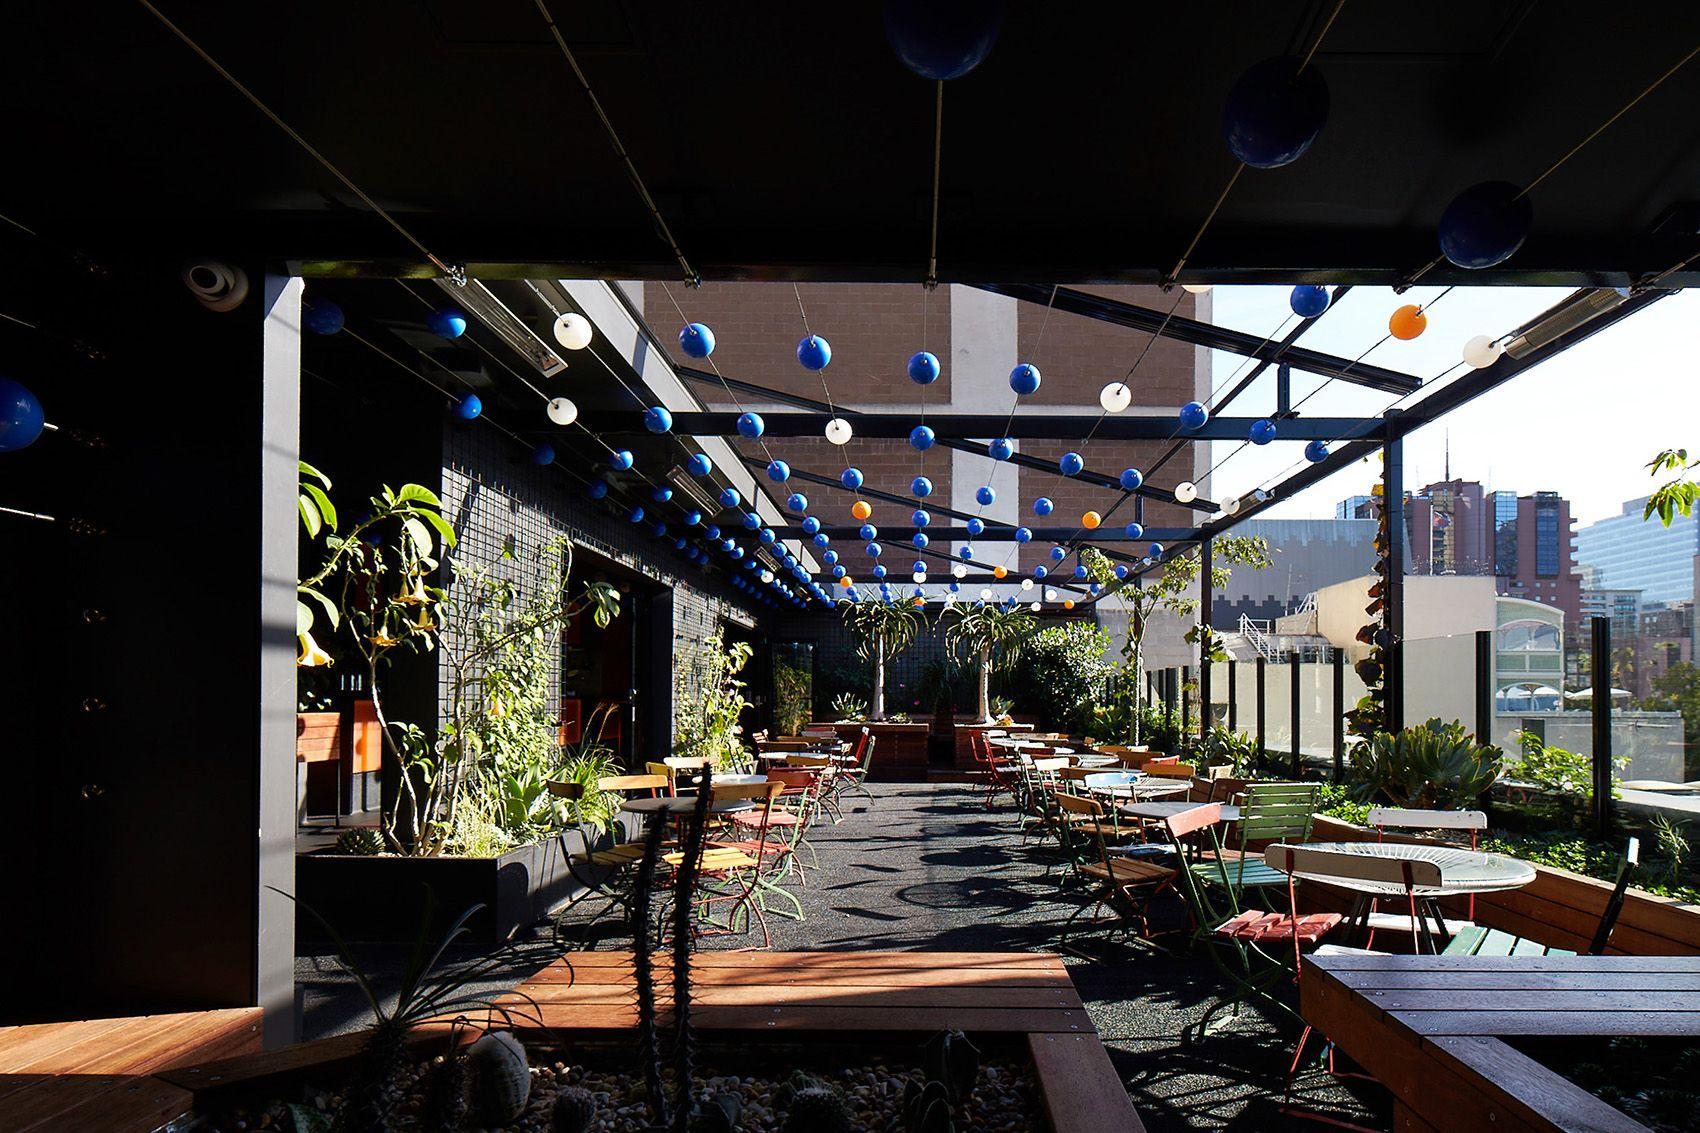 Gallery - Loop Roof Rooftop Cocktail Bar & Garden Melbourne | Beautiful Roofs, Roof Garden Plan, Roof Garden Design